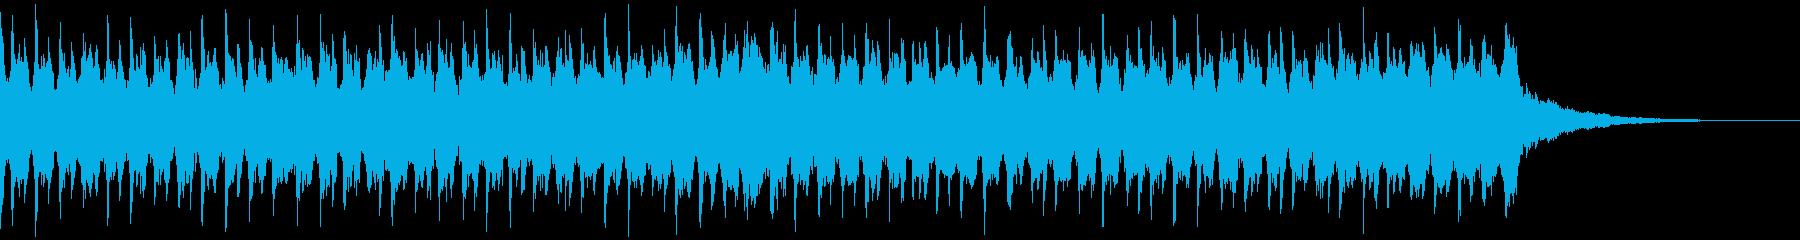 企業VP系155、爽やか4つ打ちハウスSの再生済みの波形